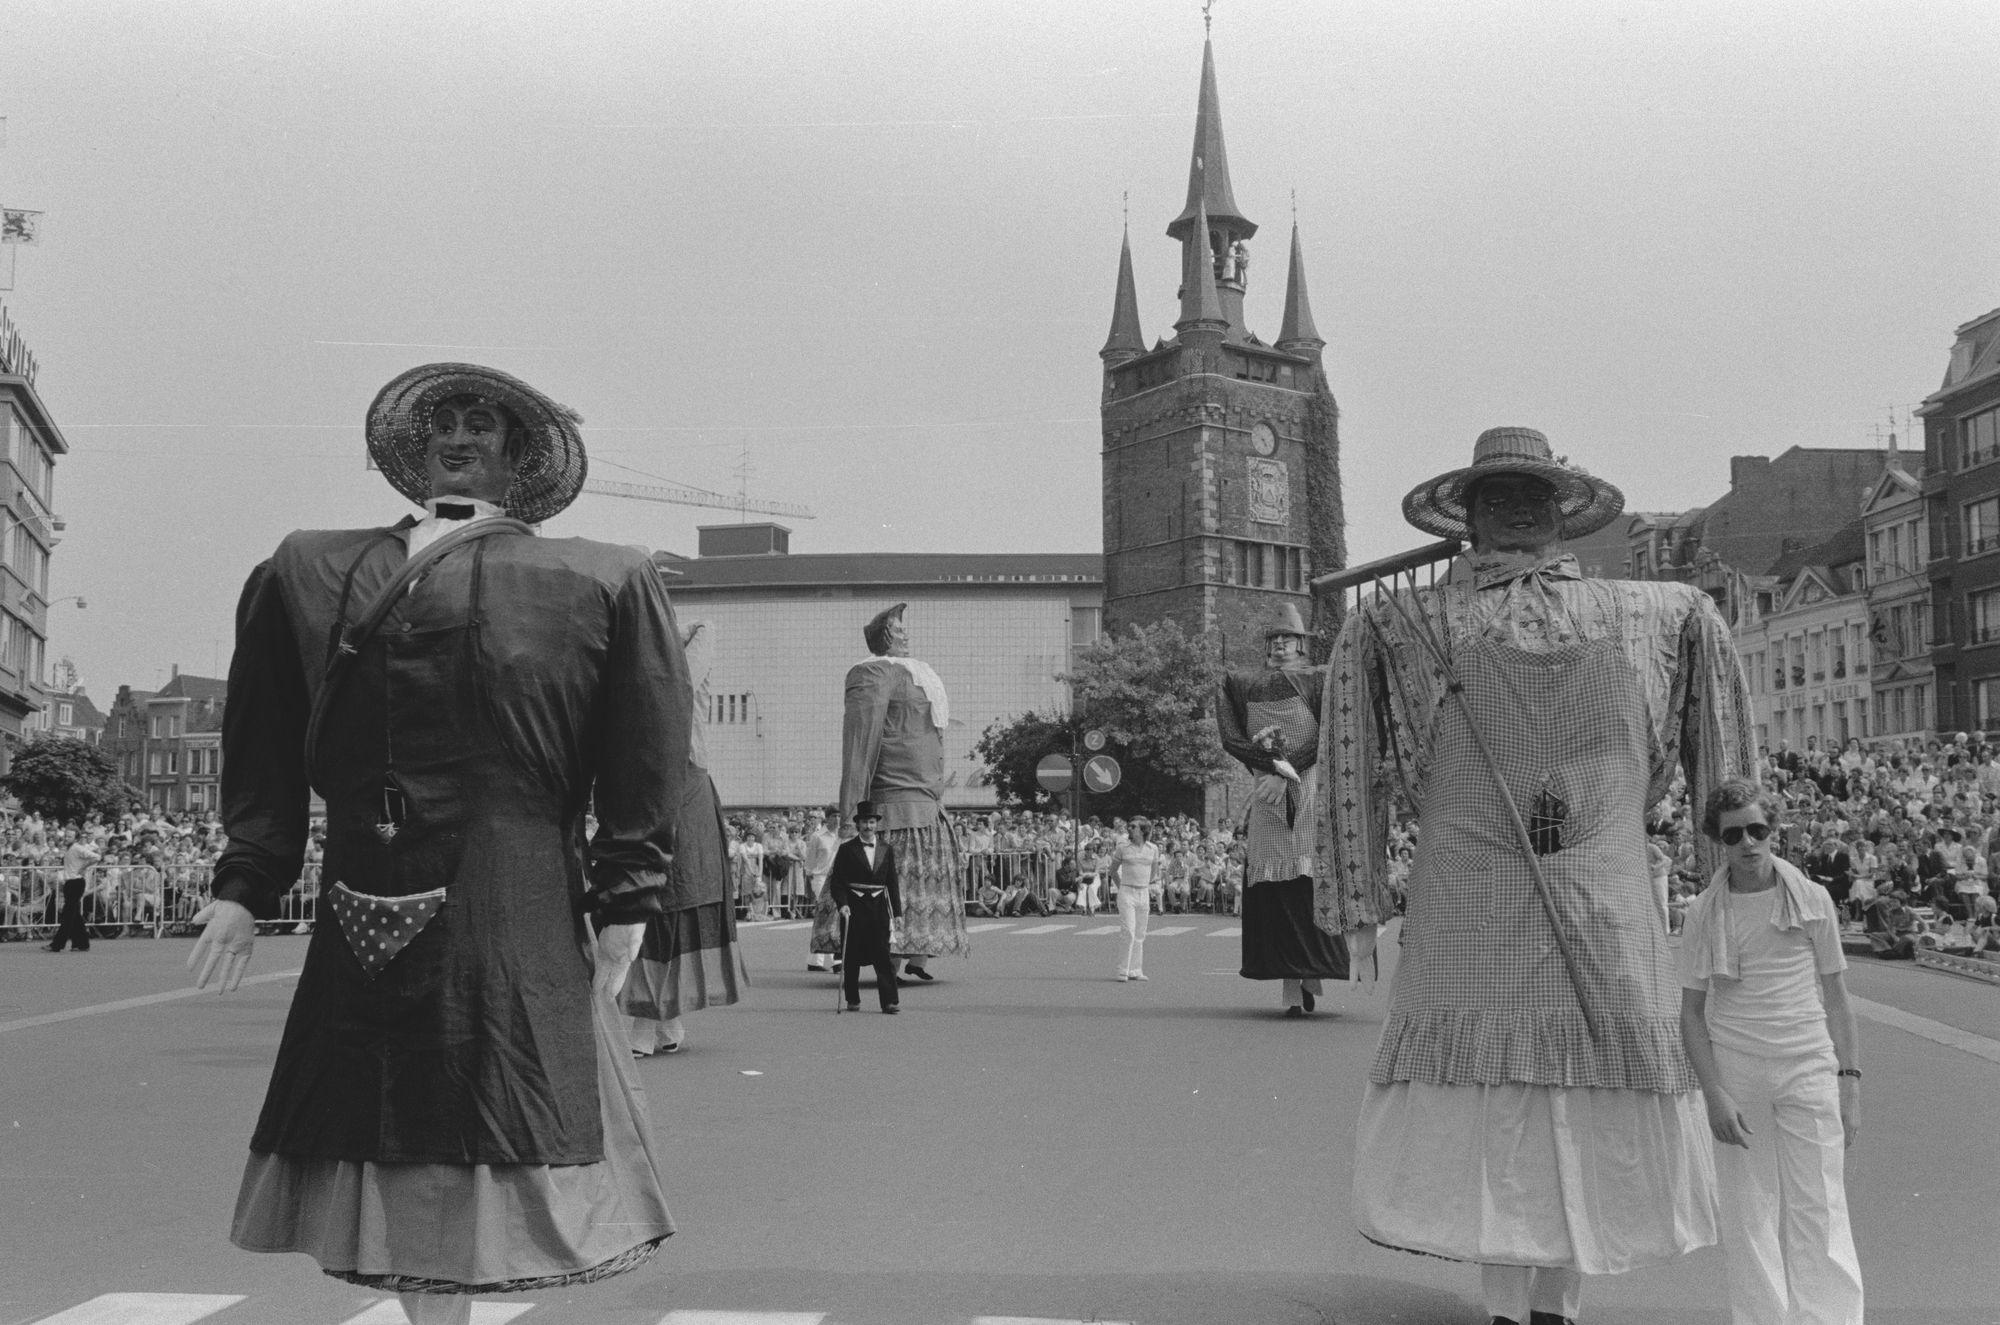 Reuzen in de historische optocht tijdens de 11 juliviering 1982